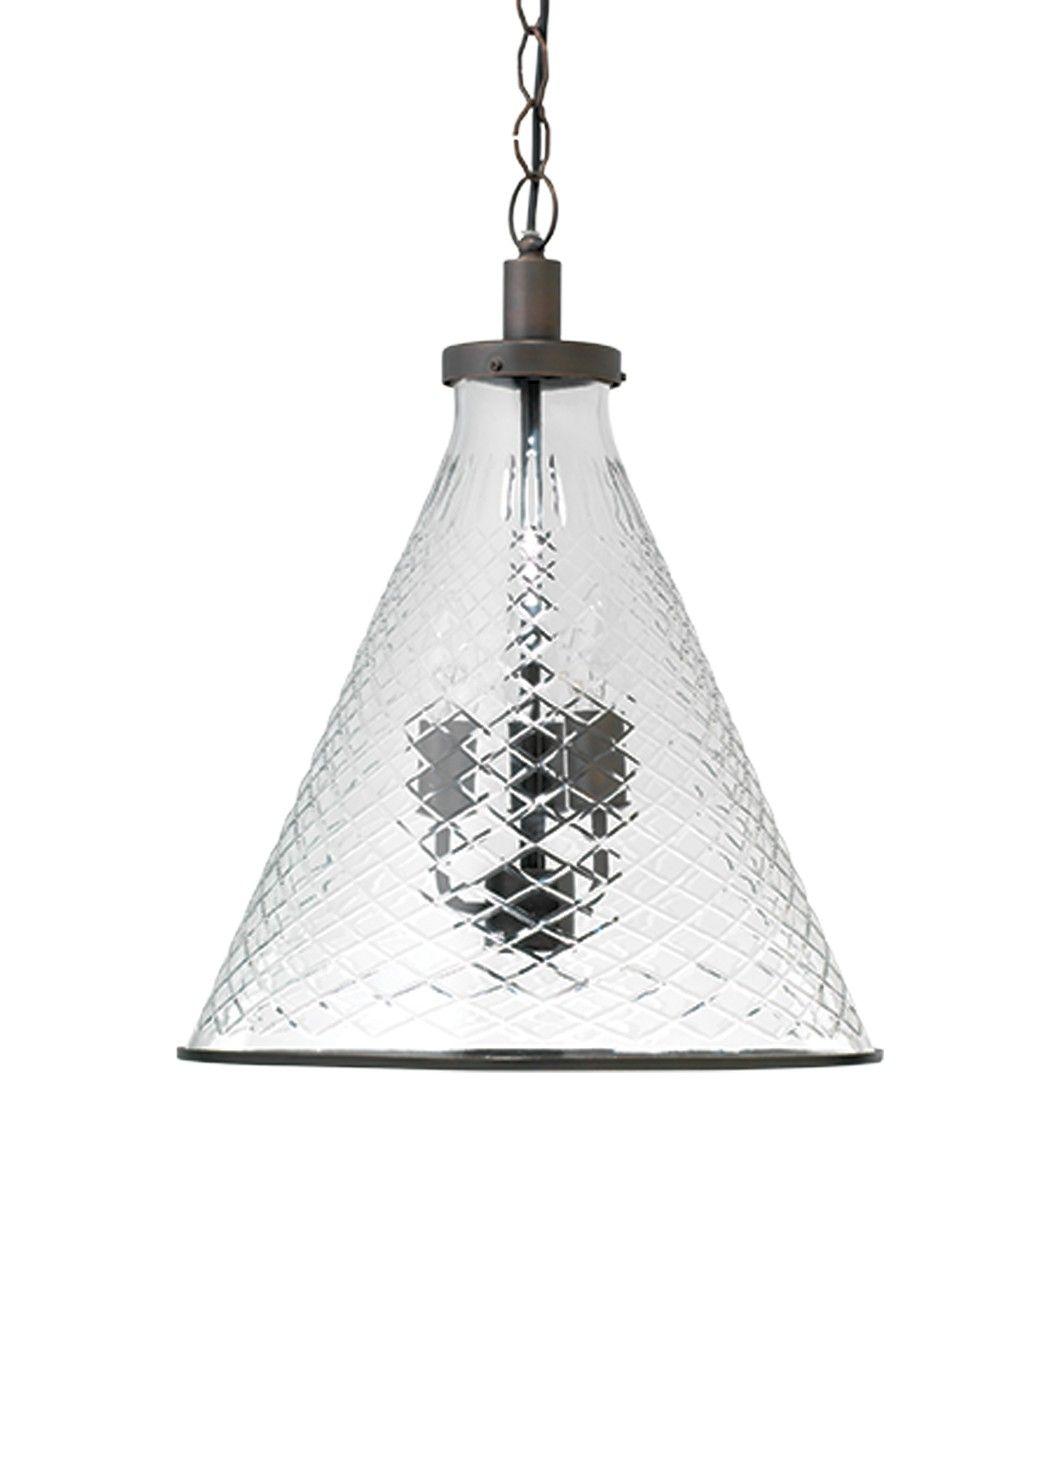 New zenith pendant jamie young lighting vermont lighting new zenith pendant jamie young lighting aloadofball Choice Image